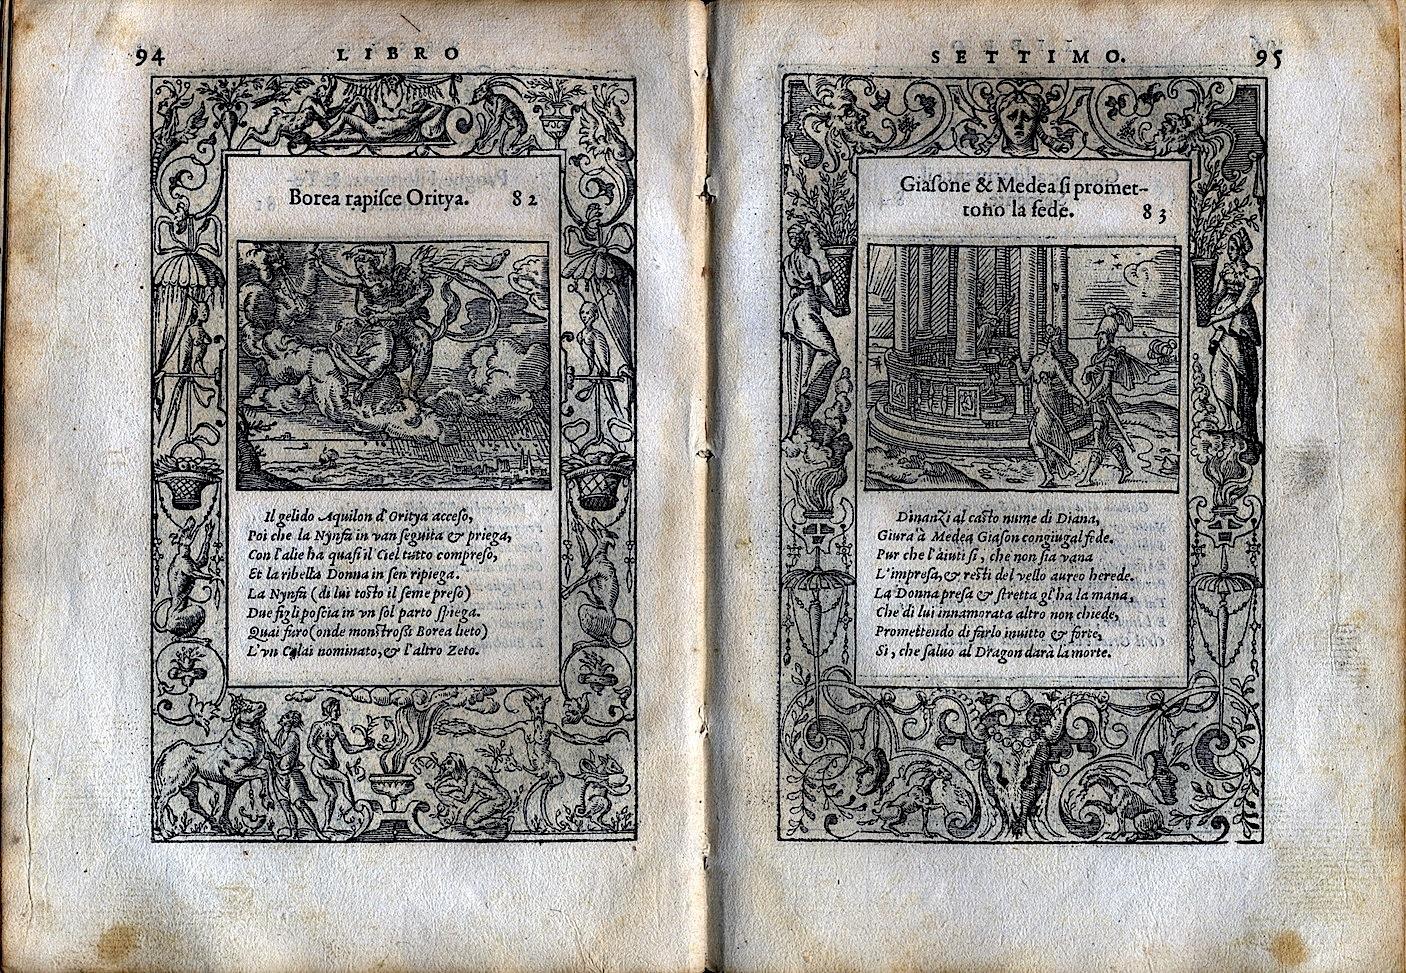 LA VITA ET METAMORFOSEO D'OVIDIO Giovanni di Tornes Lione 1519 7 copia